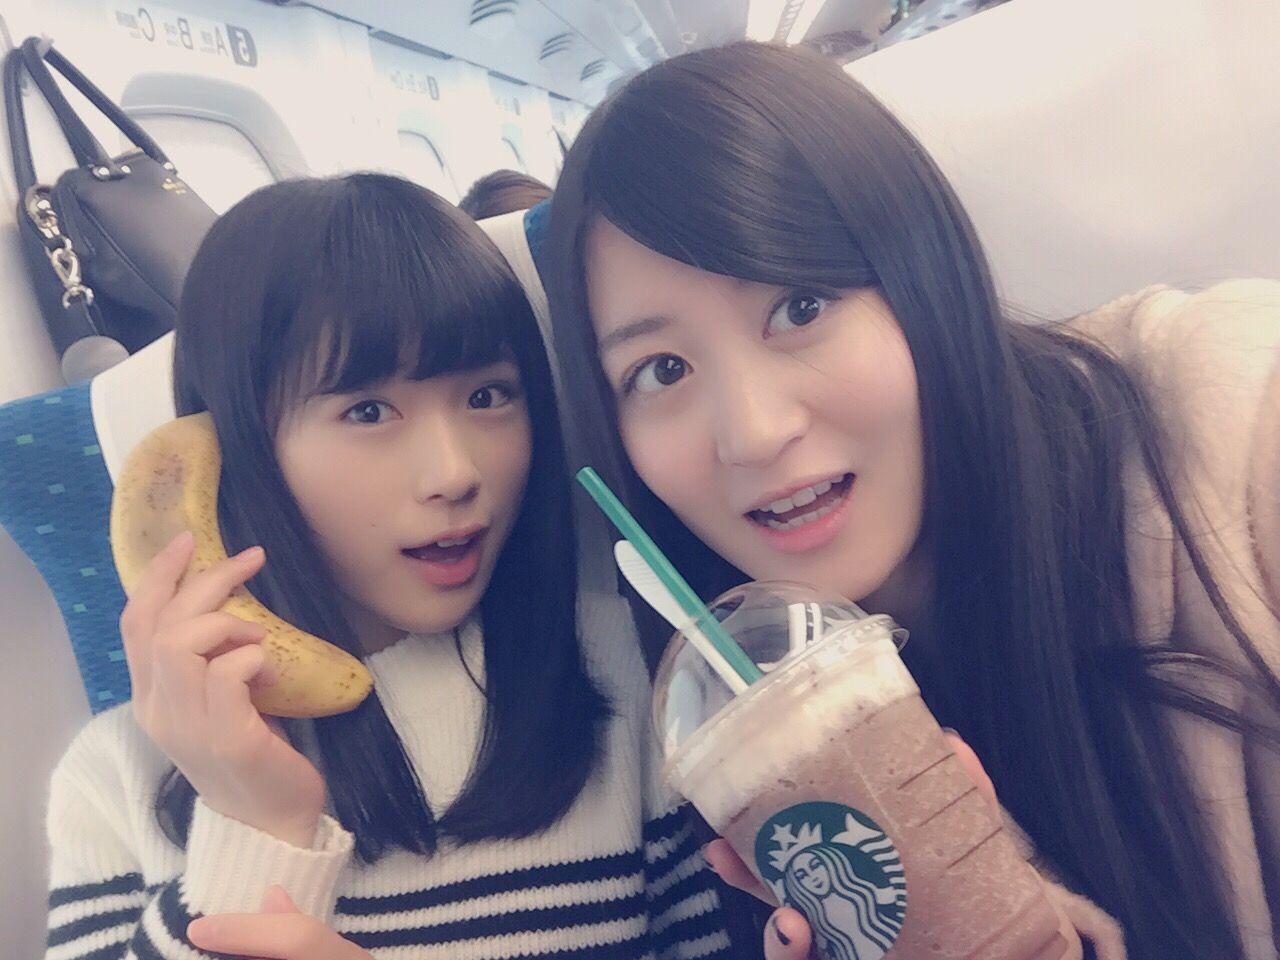 Nagisa Shibuya x Kei Jonishi https://plus.google.com/u/0/113516536547276113860/posts/EJ5QBWFomL8